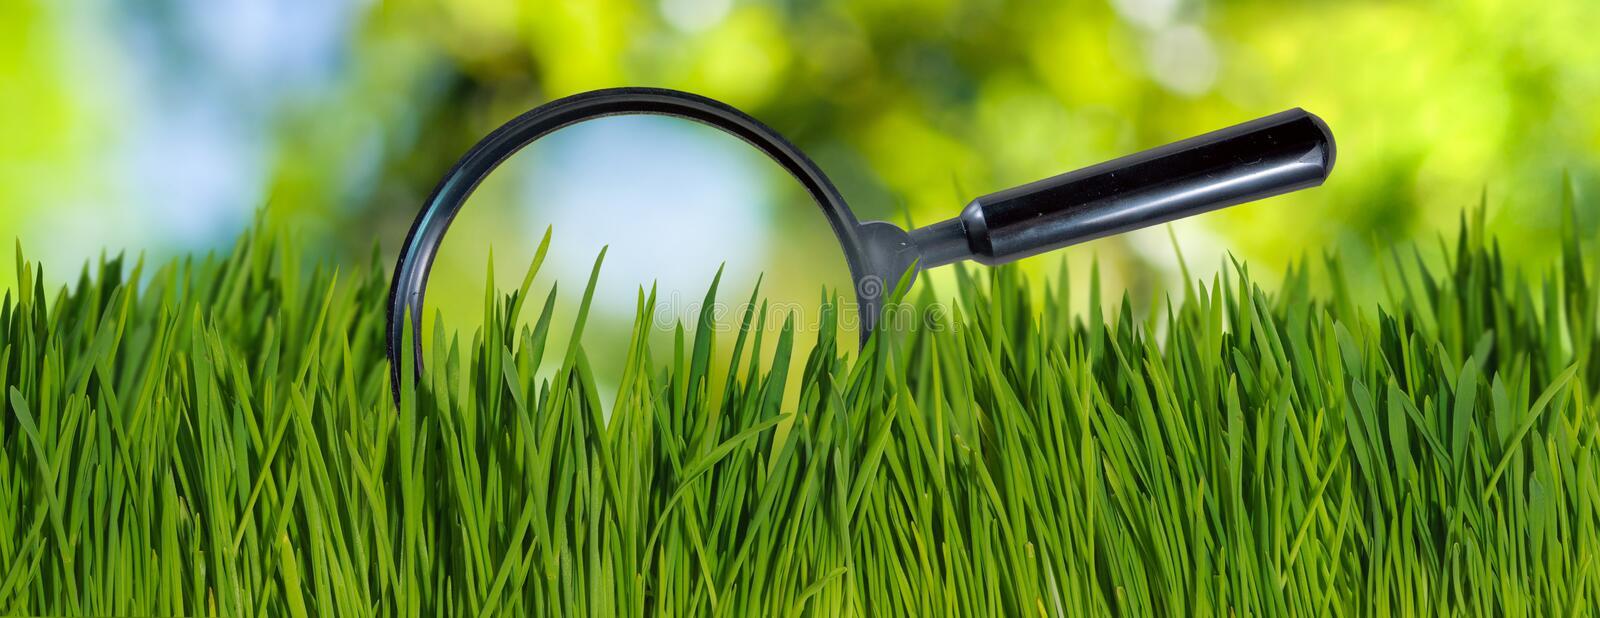 Газонная трава DLF: неприхотливые сорта для климата Казахстана, почему стал популярен белый клевер, и что сажать на спортивной площадке